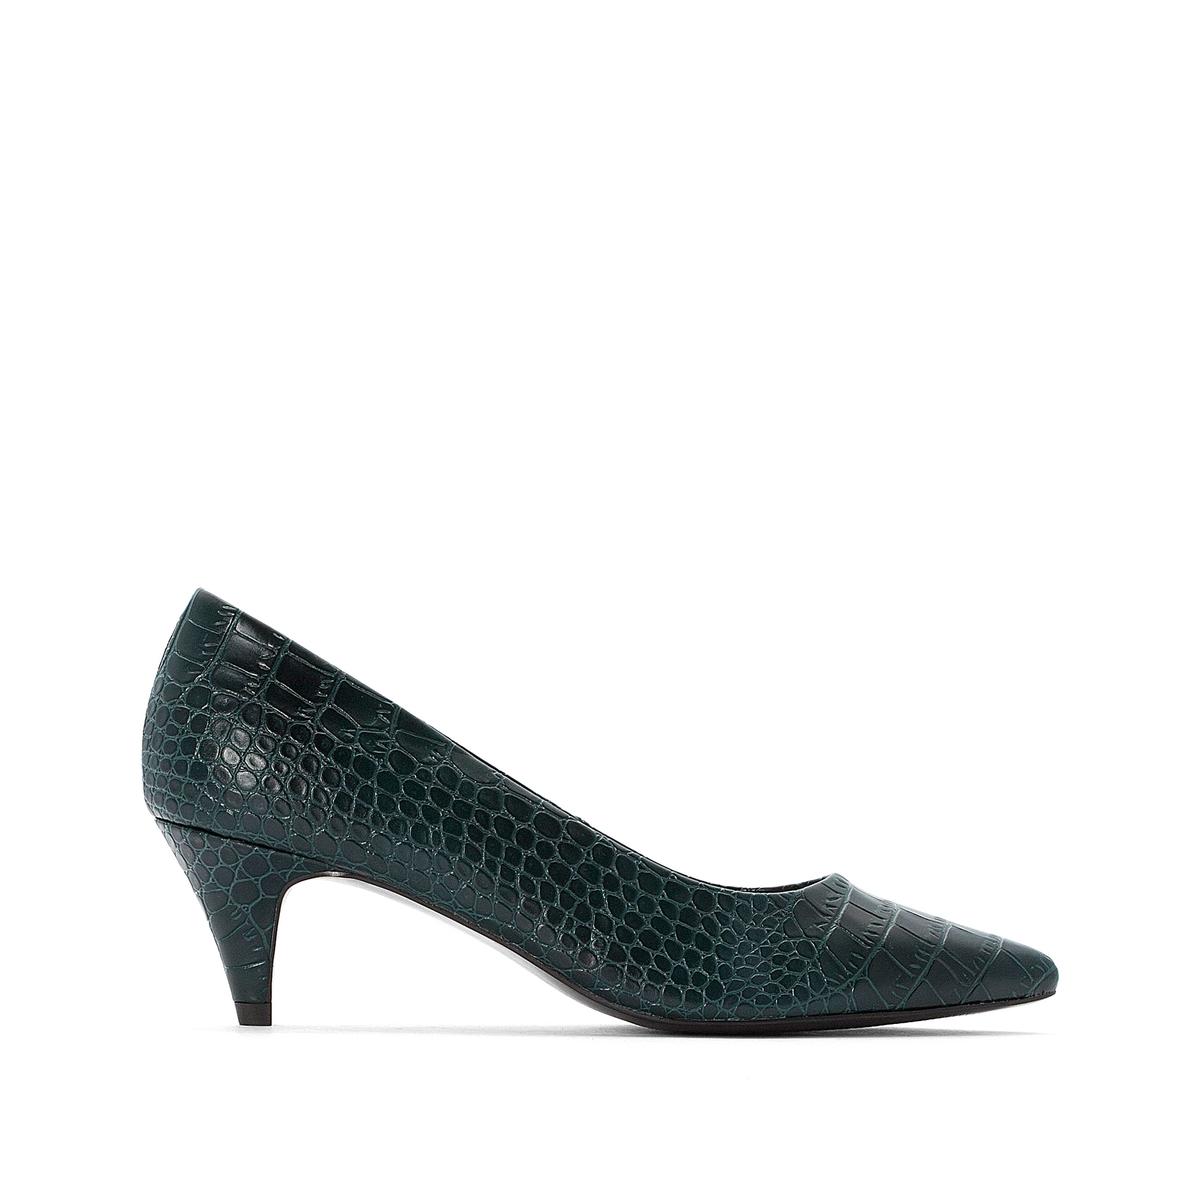 Туфли La Redoute С заостренным мыском с крокодиловым принтом 37 зеленый кеды сникеры la redoute с крокодиловым принтом 38 желтый